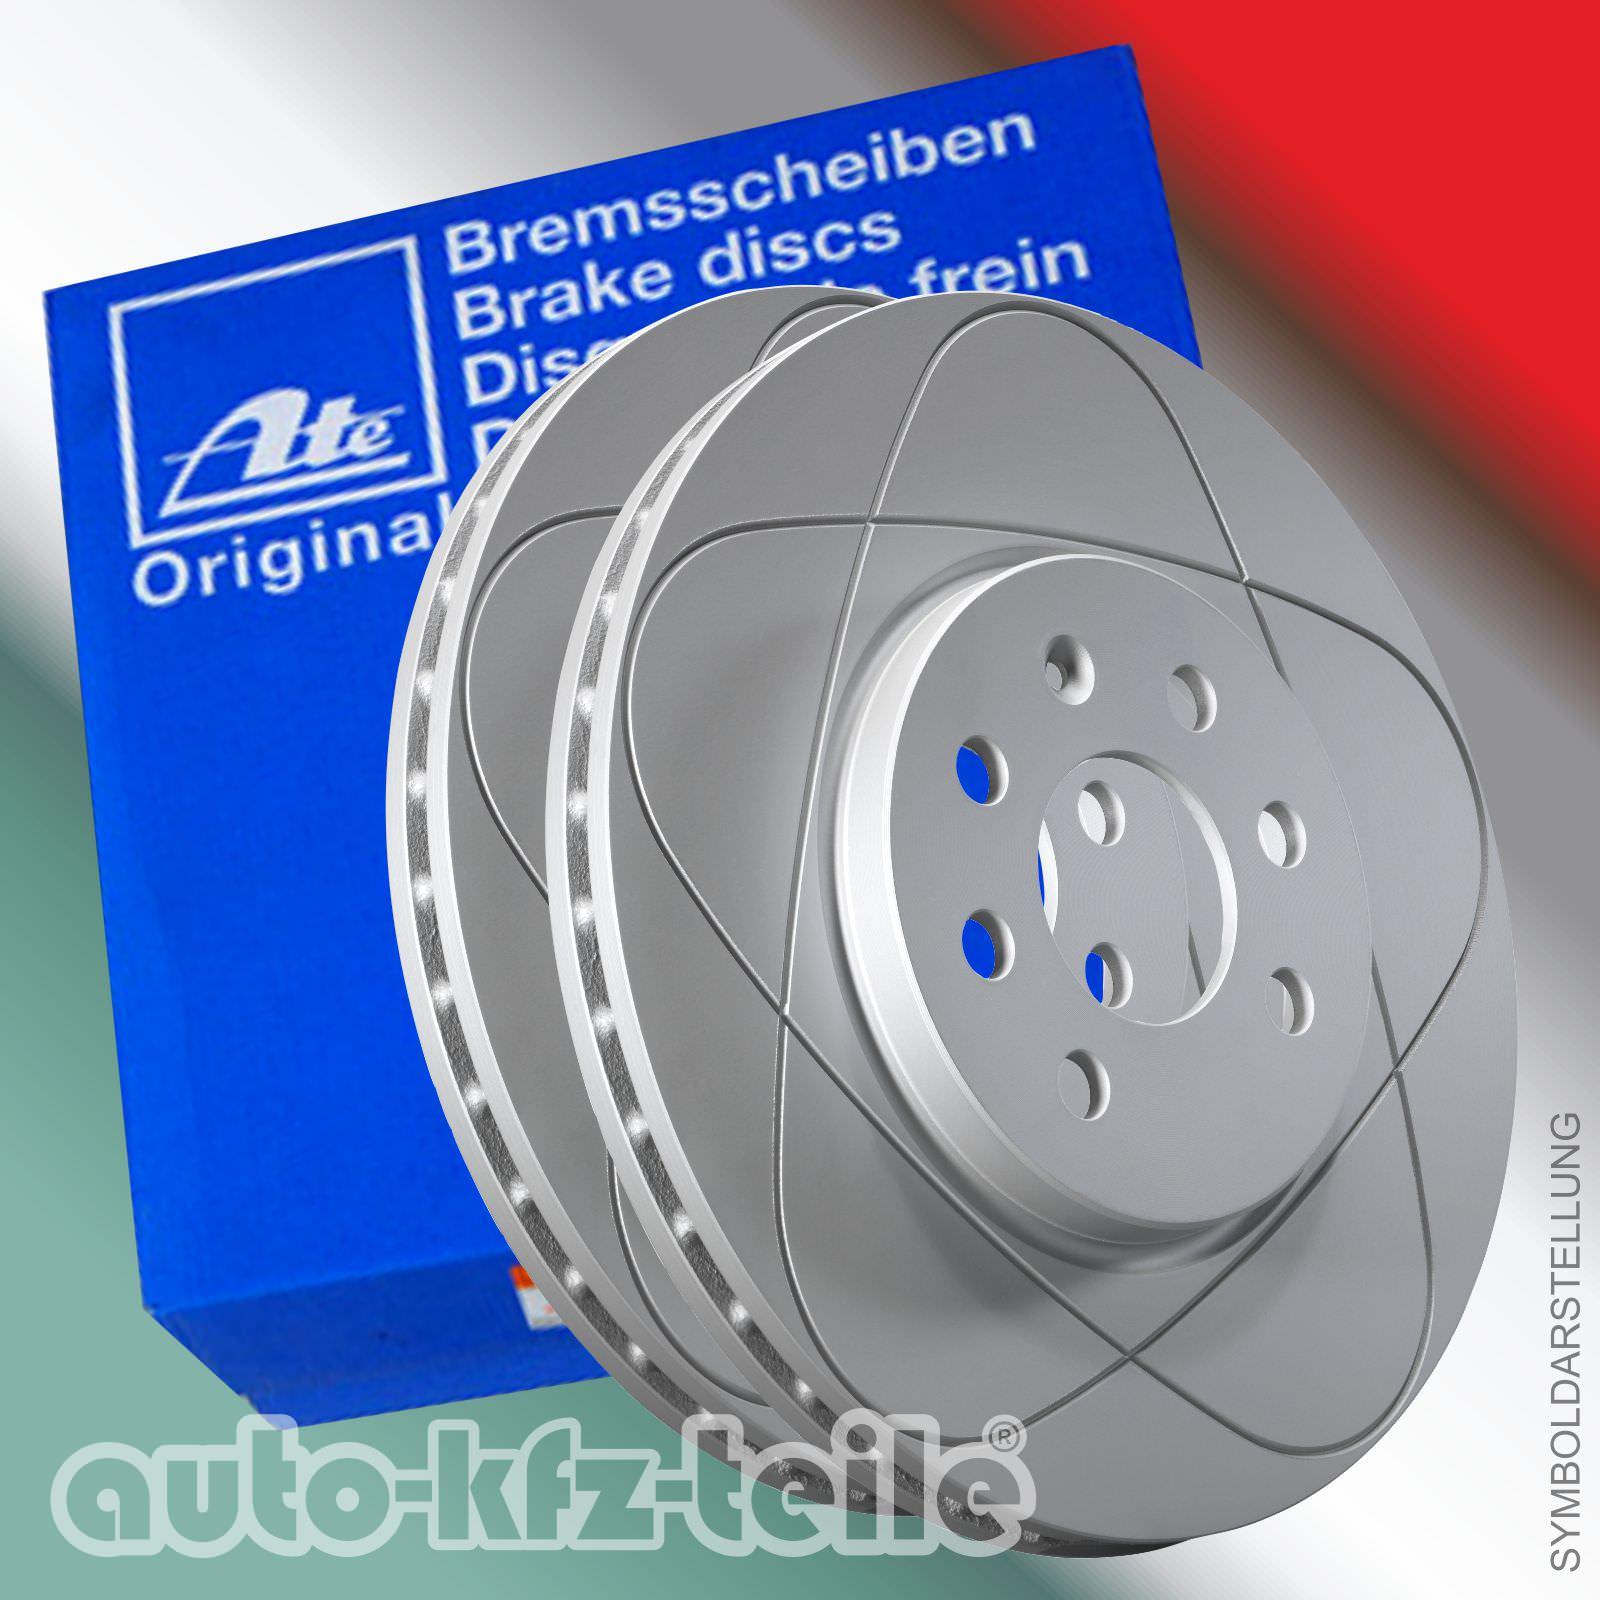 Bremsbeläge Warnkontakt VORNE Opel Astra G ATE PowerDisc Bremsscheiben 280mm